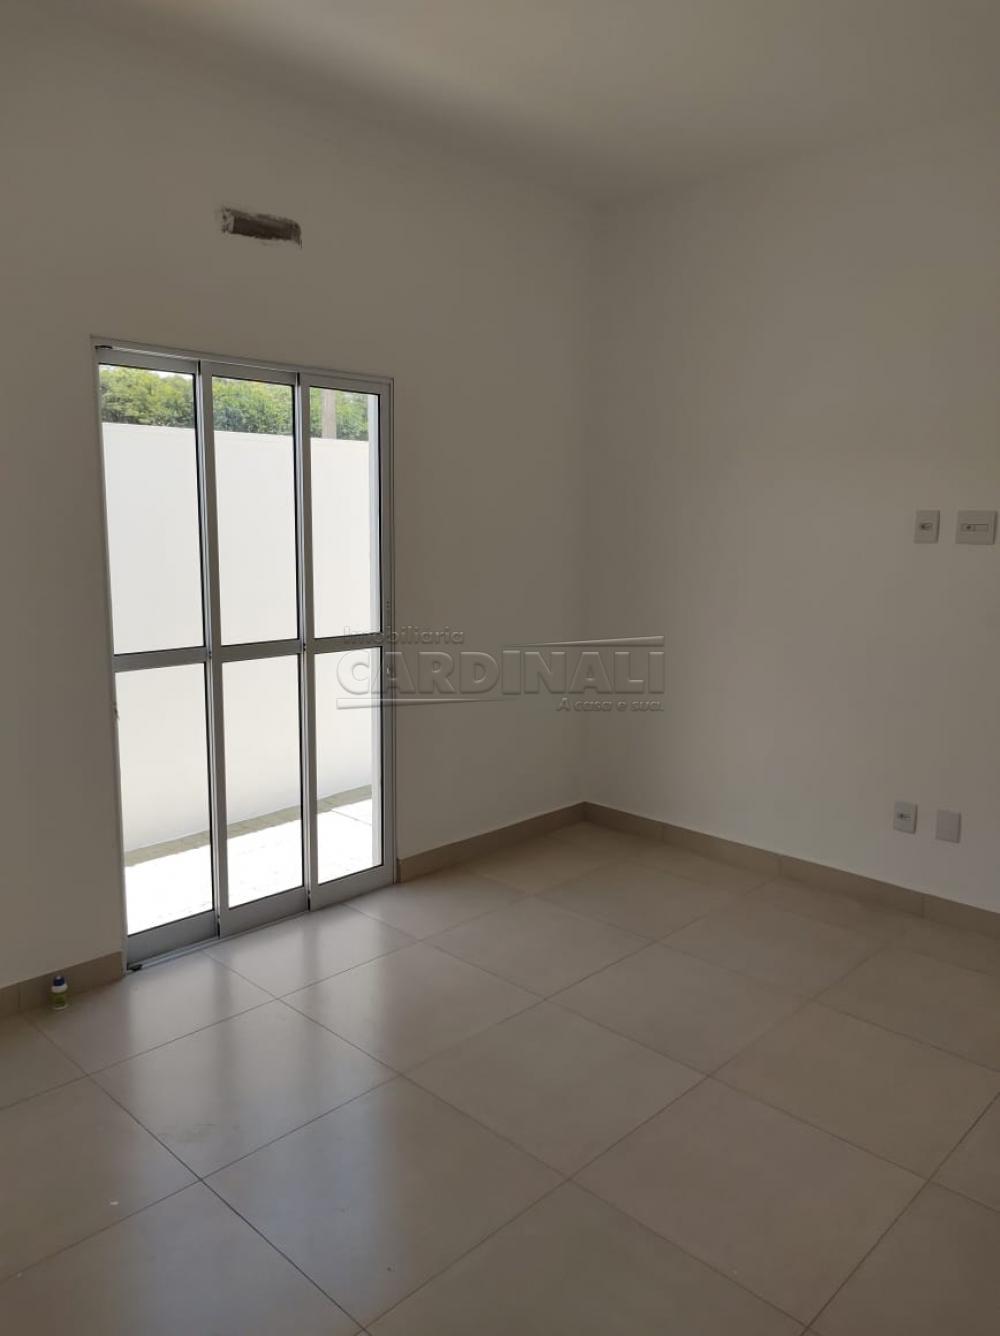 Comprar Casa / Condomínio em Araraquara R$ 480.000,00 - Foto 16